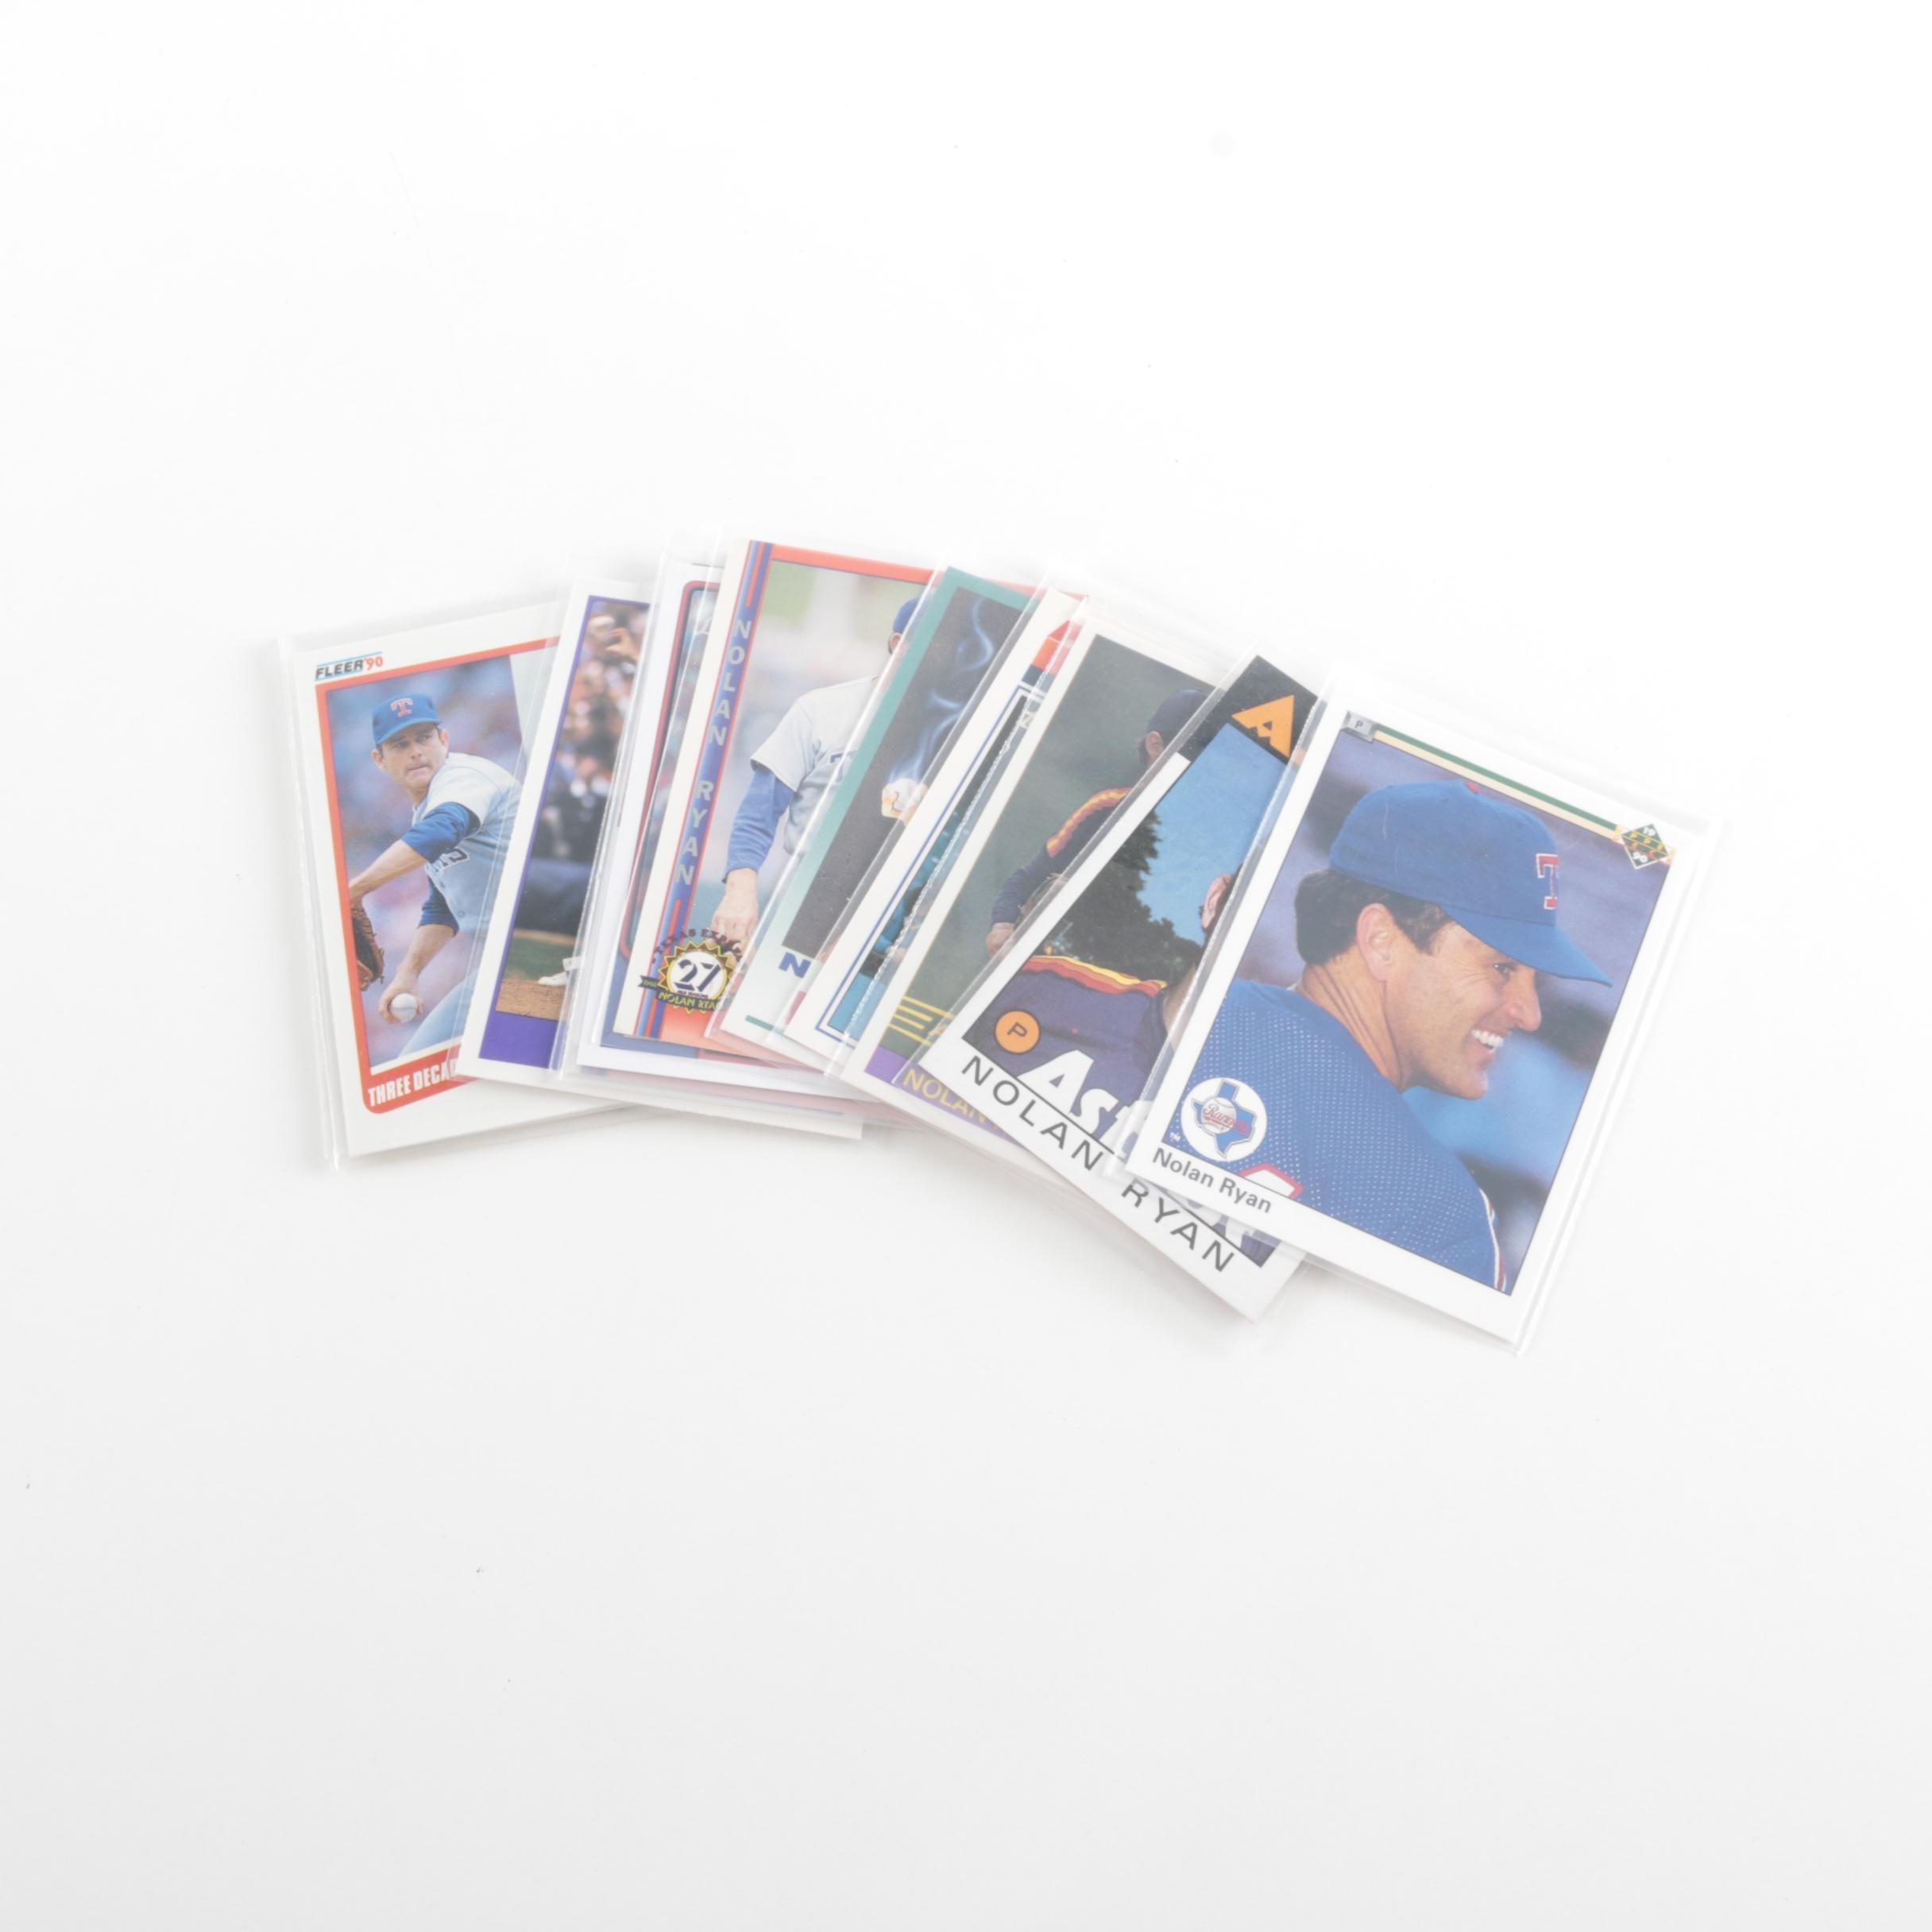 Nolan Ryan Baseball Card Collection